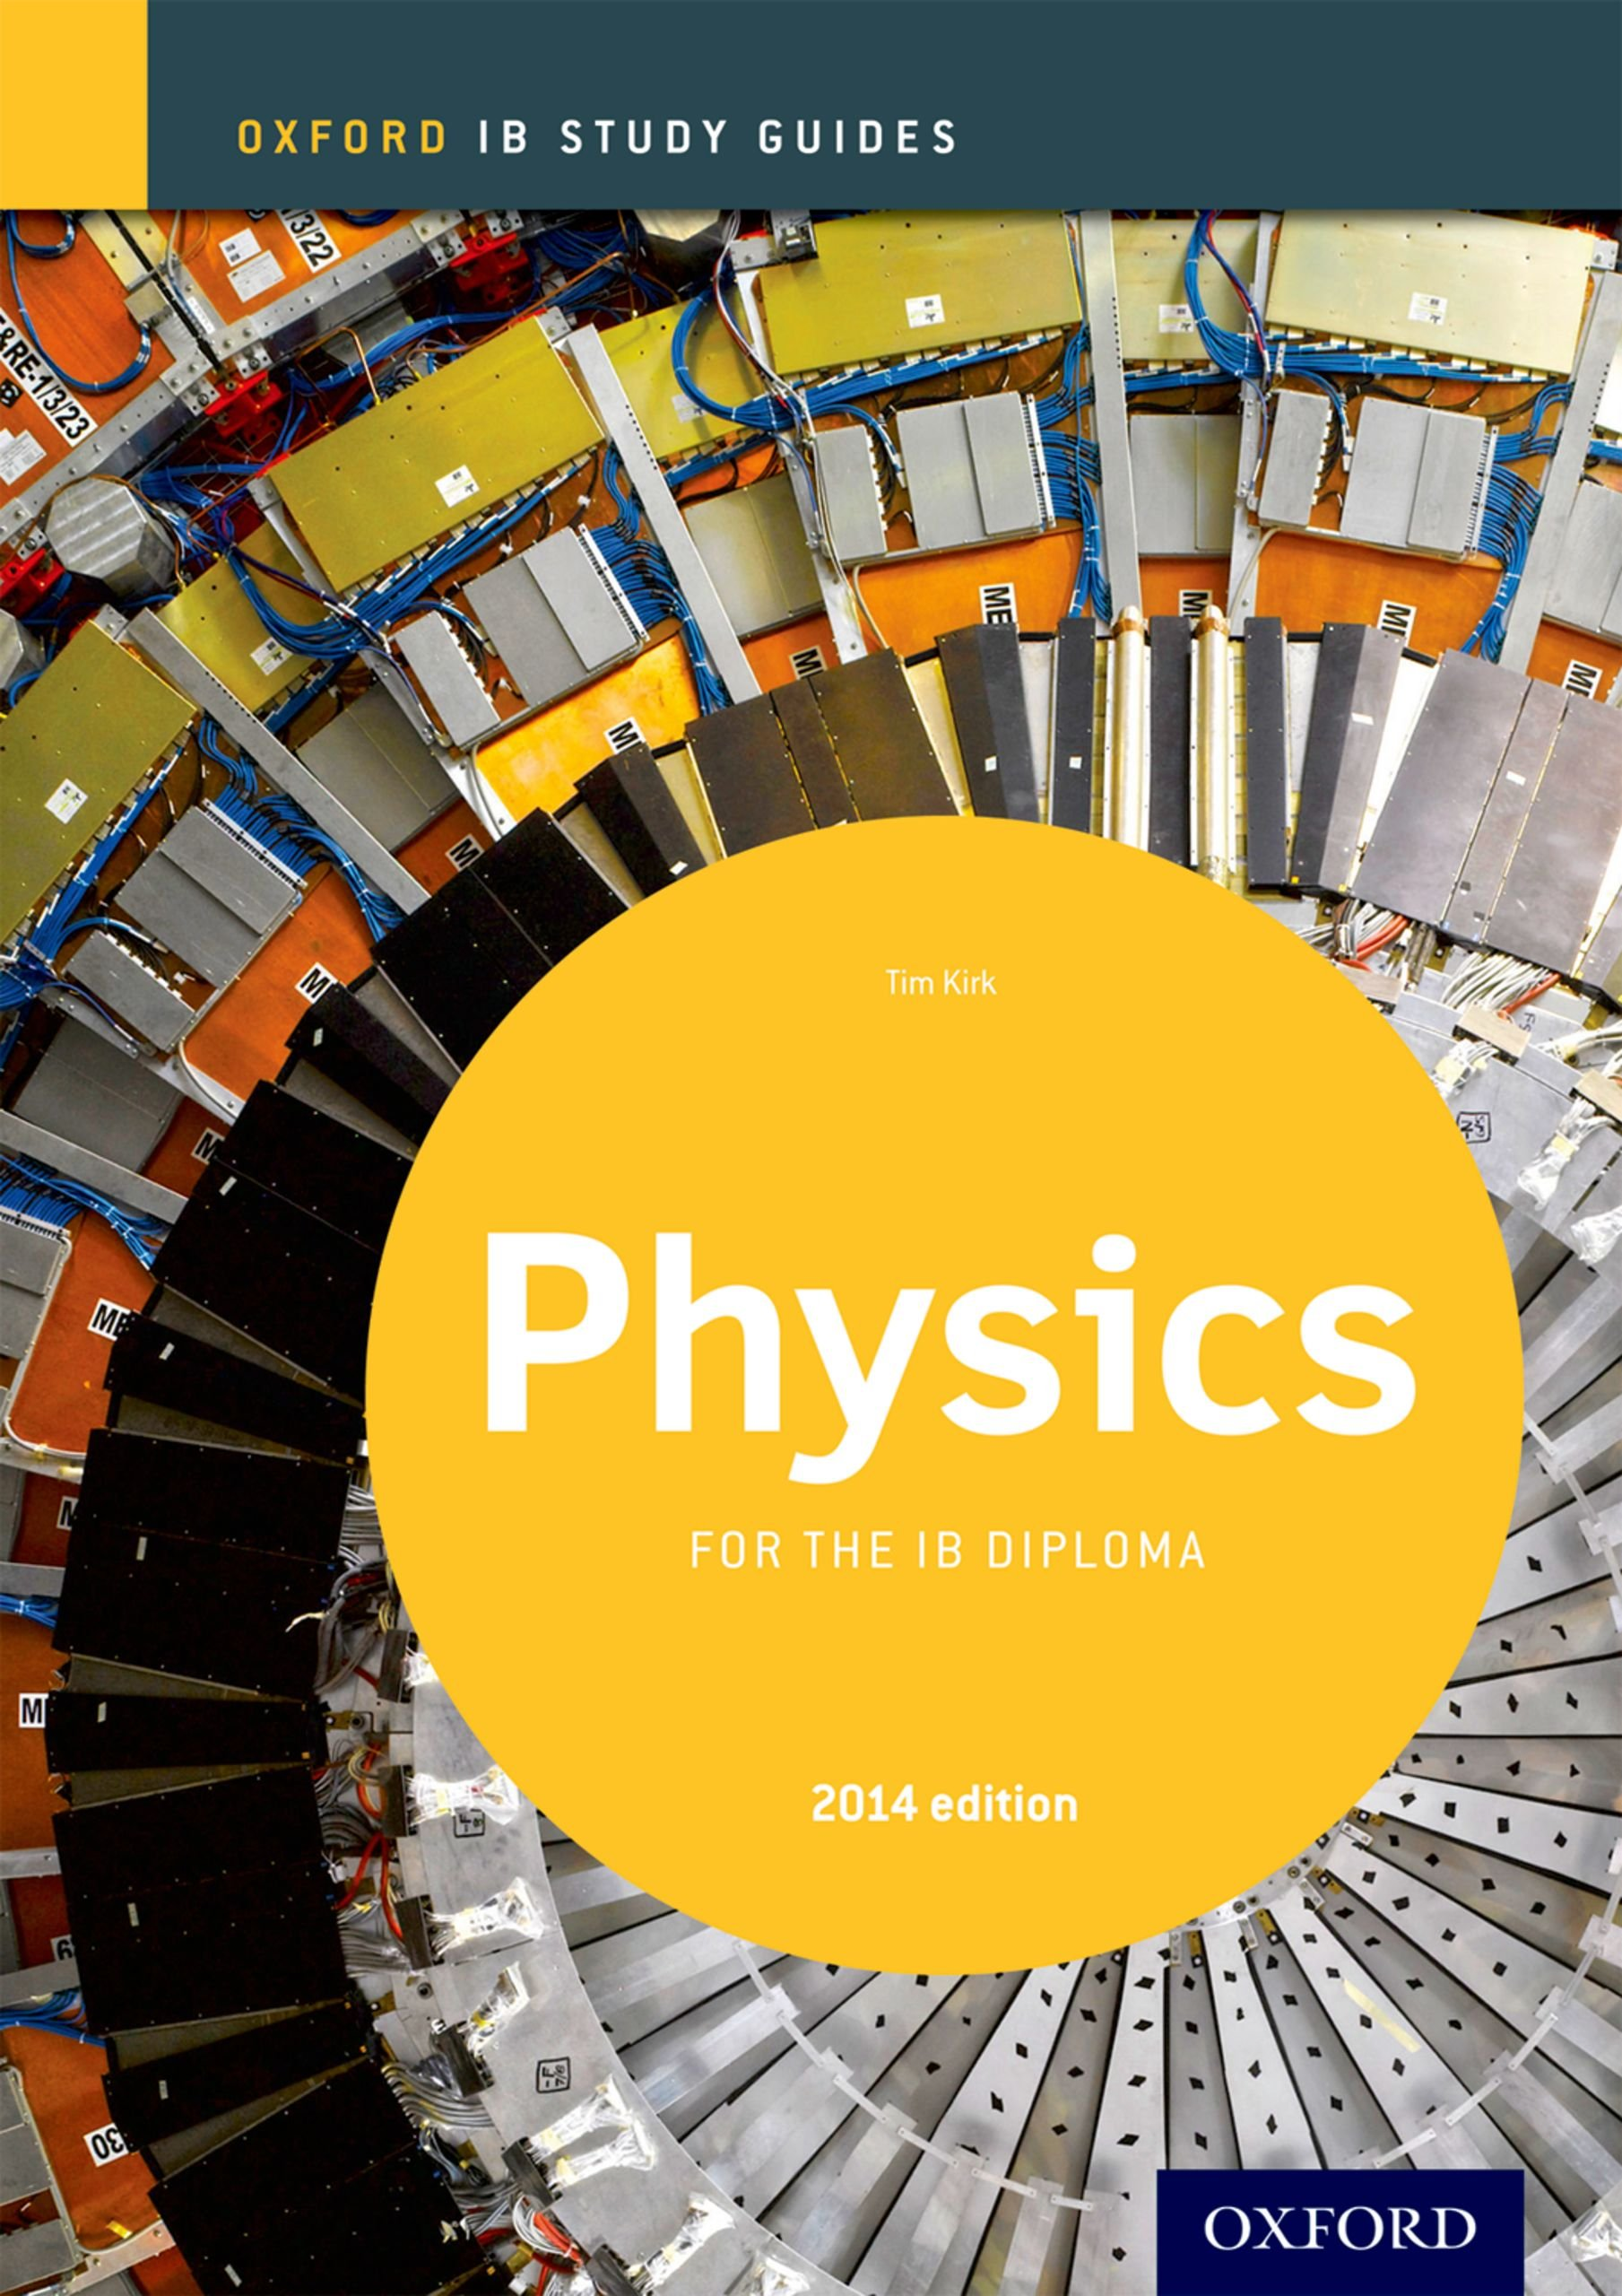 IB Physics Study Guide 2014 (Oxford IB Study Guides) (English Edition)